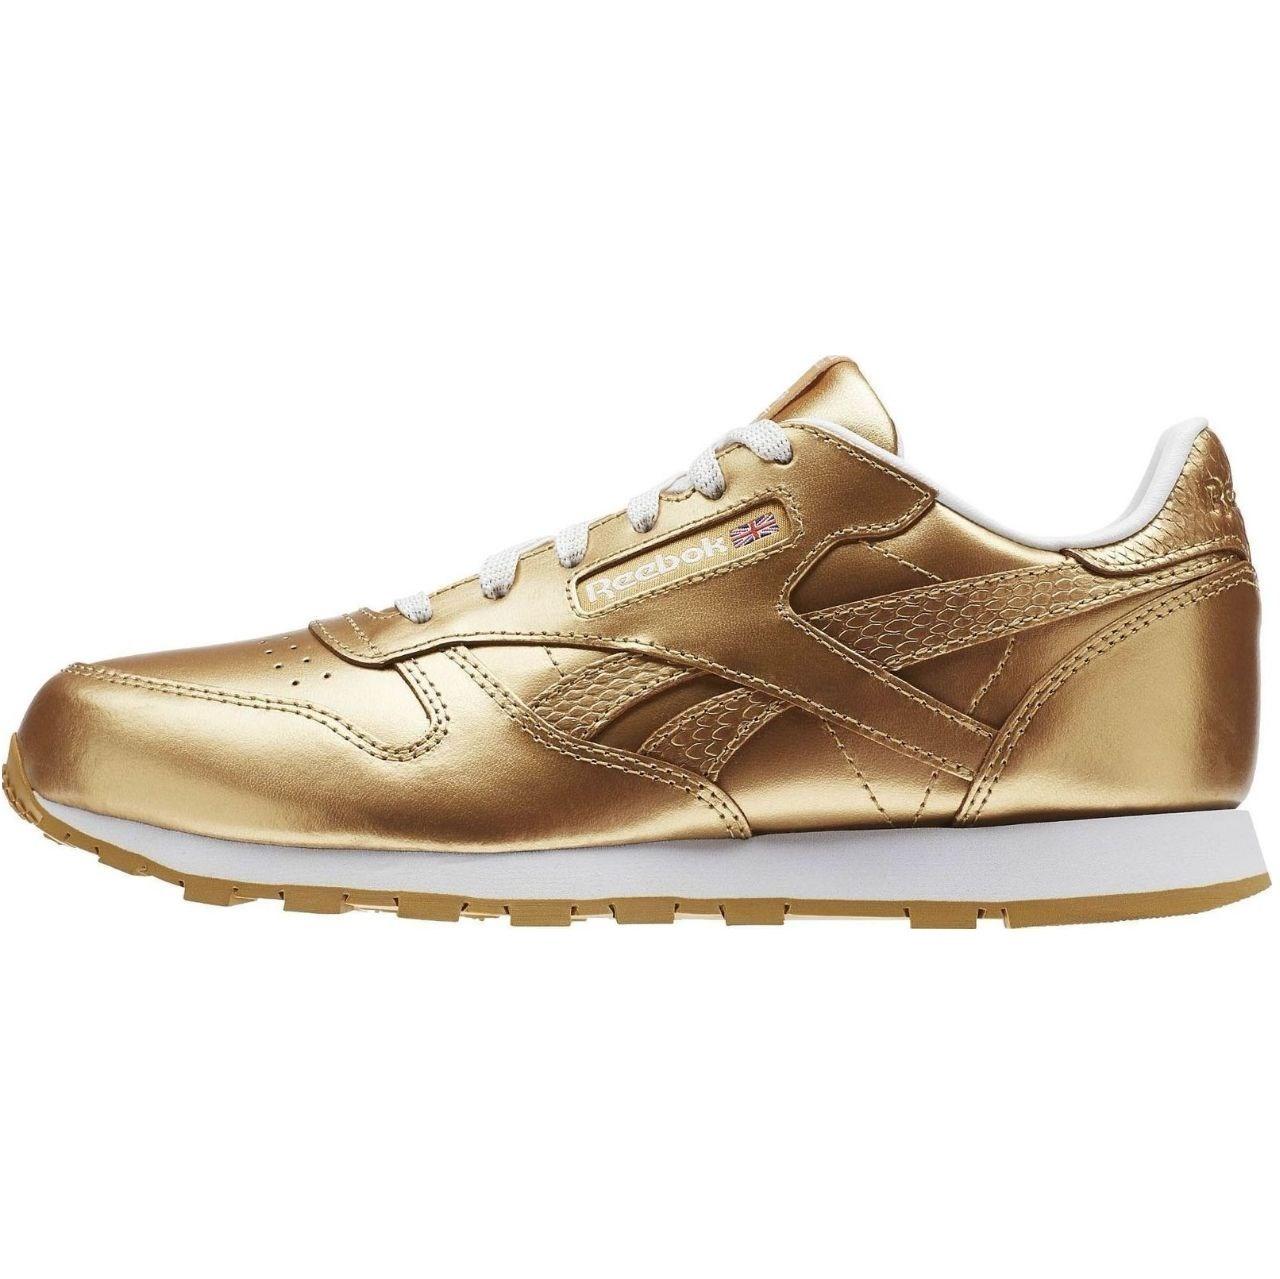 کفش راحتی زنانه ریباک مدل  Classic Leather Metallic